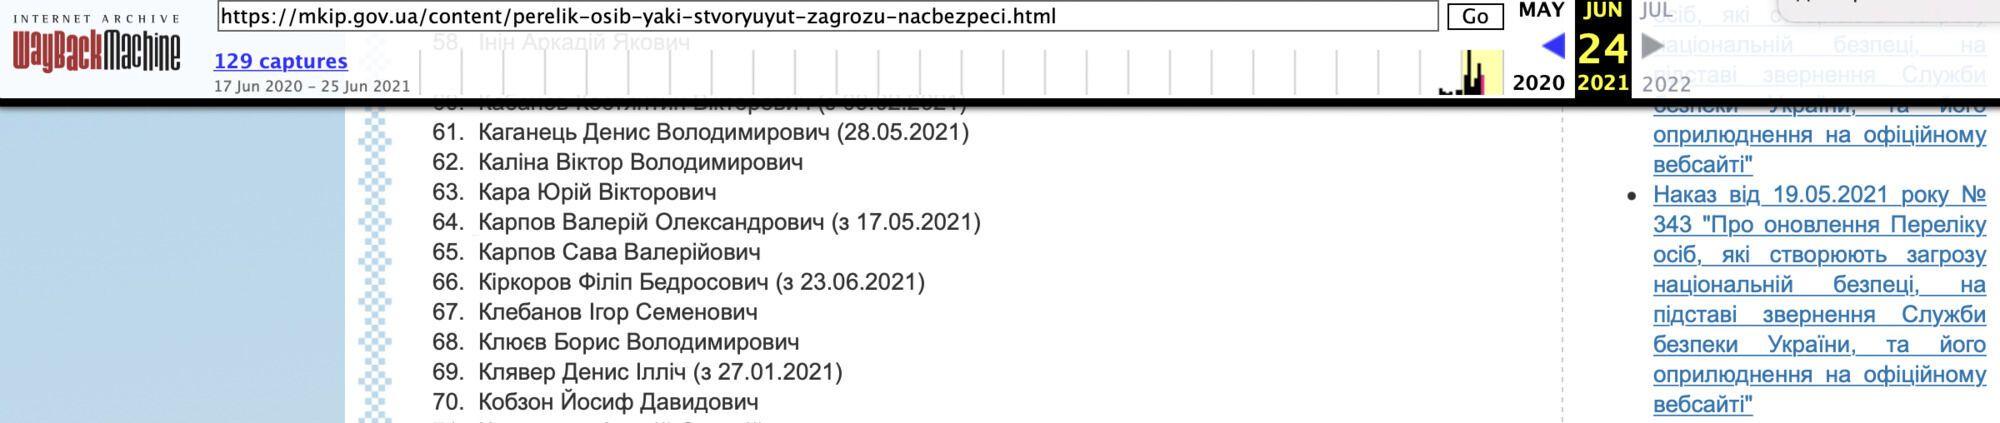 Еще 24 июня Киркоров был в списке под номером 66